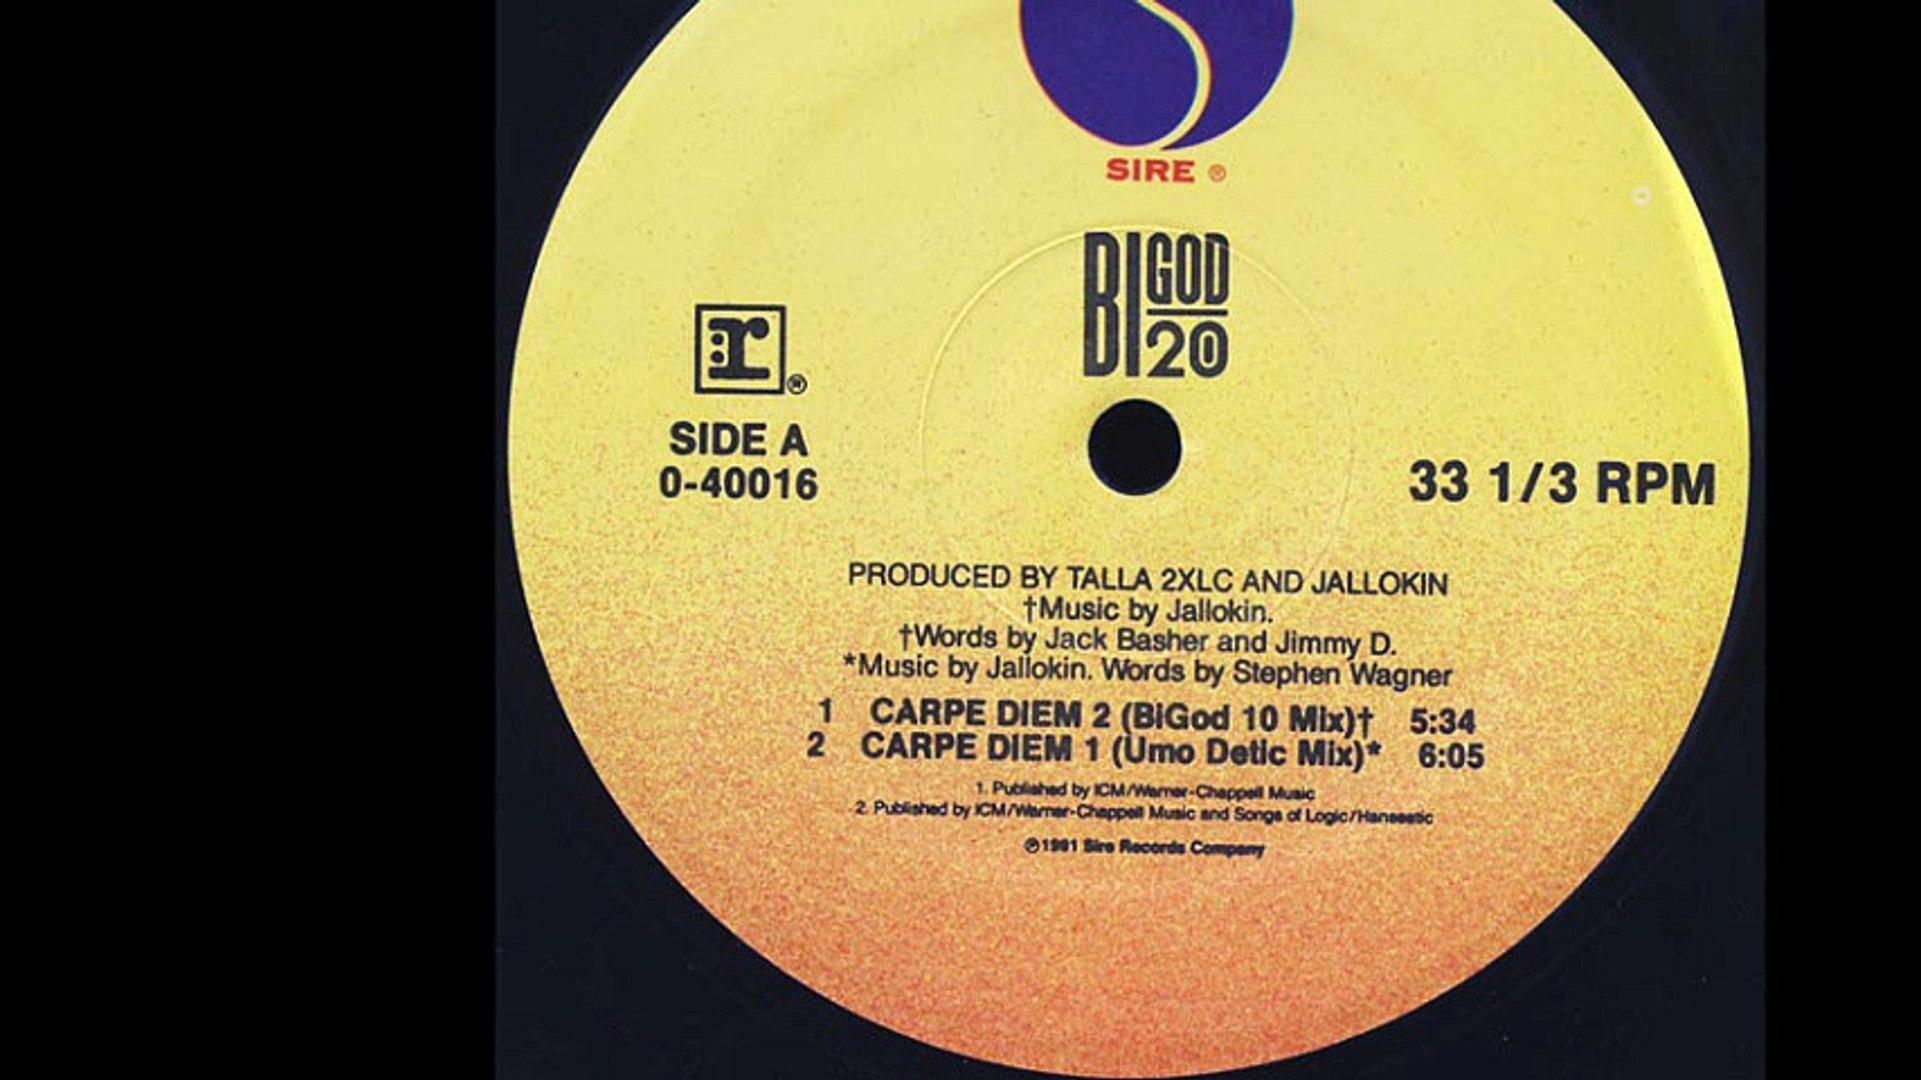 Bigod 20 - Carpe Diem 1 (Umo Detic Mix) (A2)